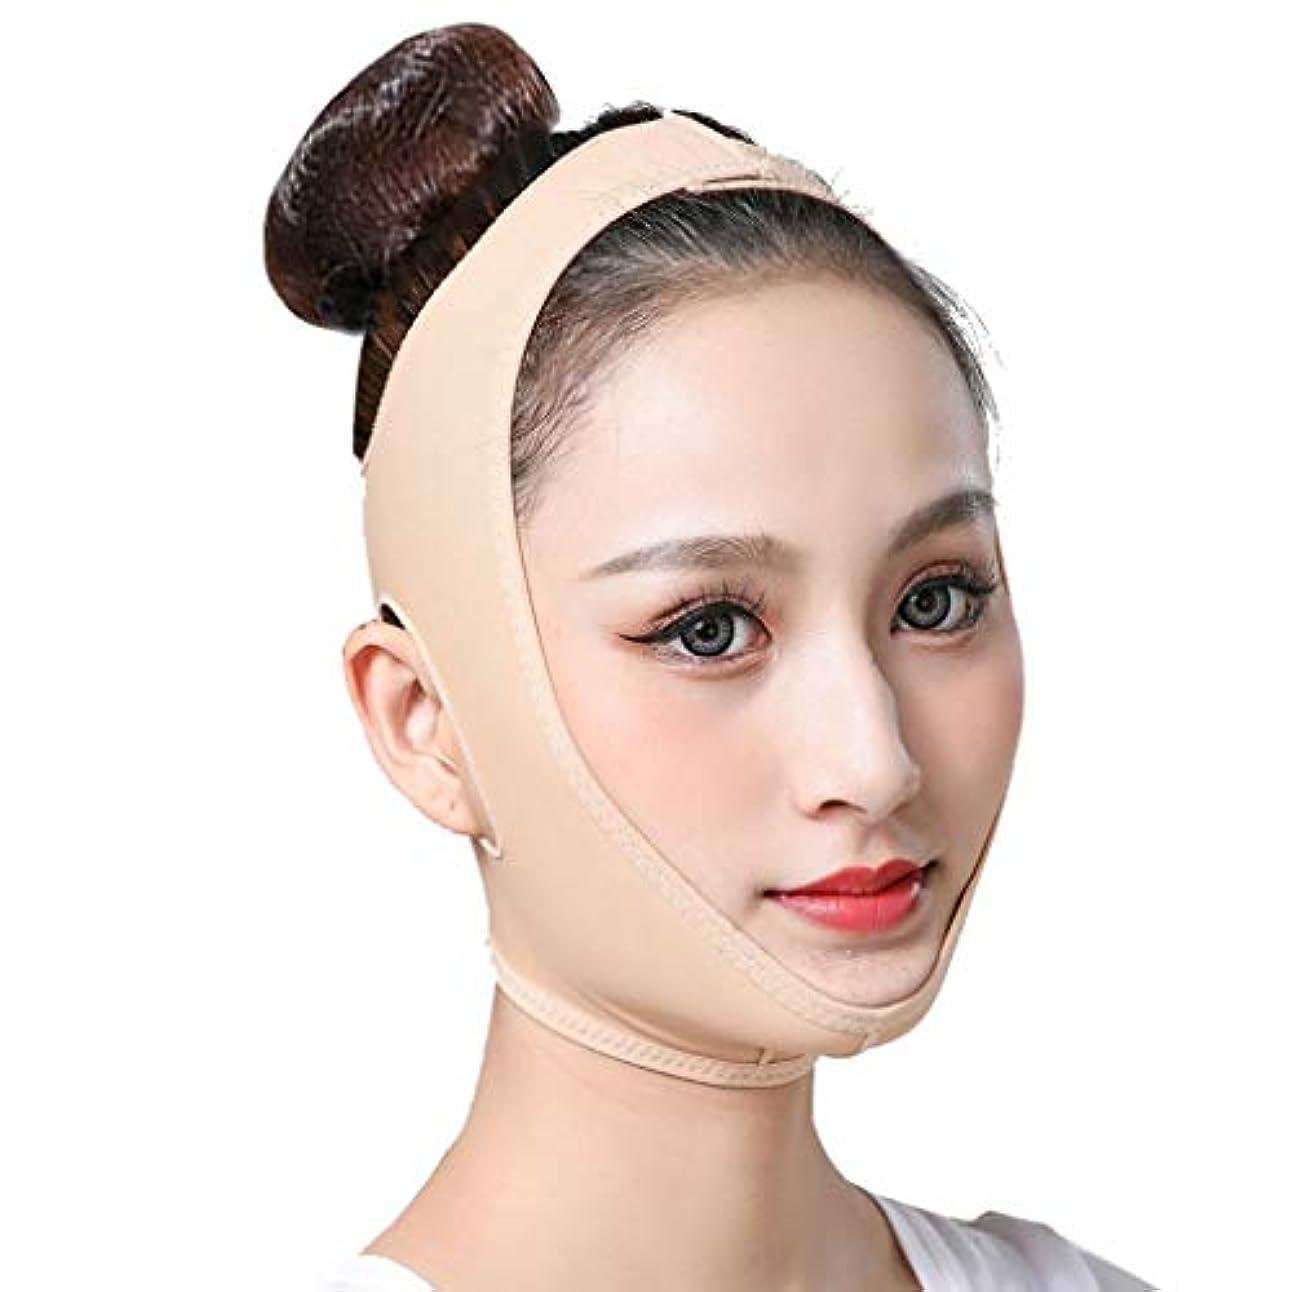 安息テーブルを設定する小説家CHSY 通気性V-顔包帯がファーミングアーティファクト薄い二重あごを持ち上げる成形して包帯をリフティング薄い顔ベルト、顔 薄い顔の包帯 (Size : L)